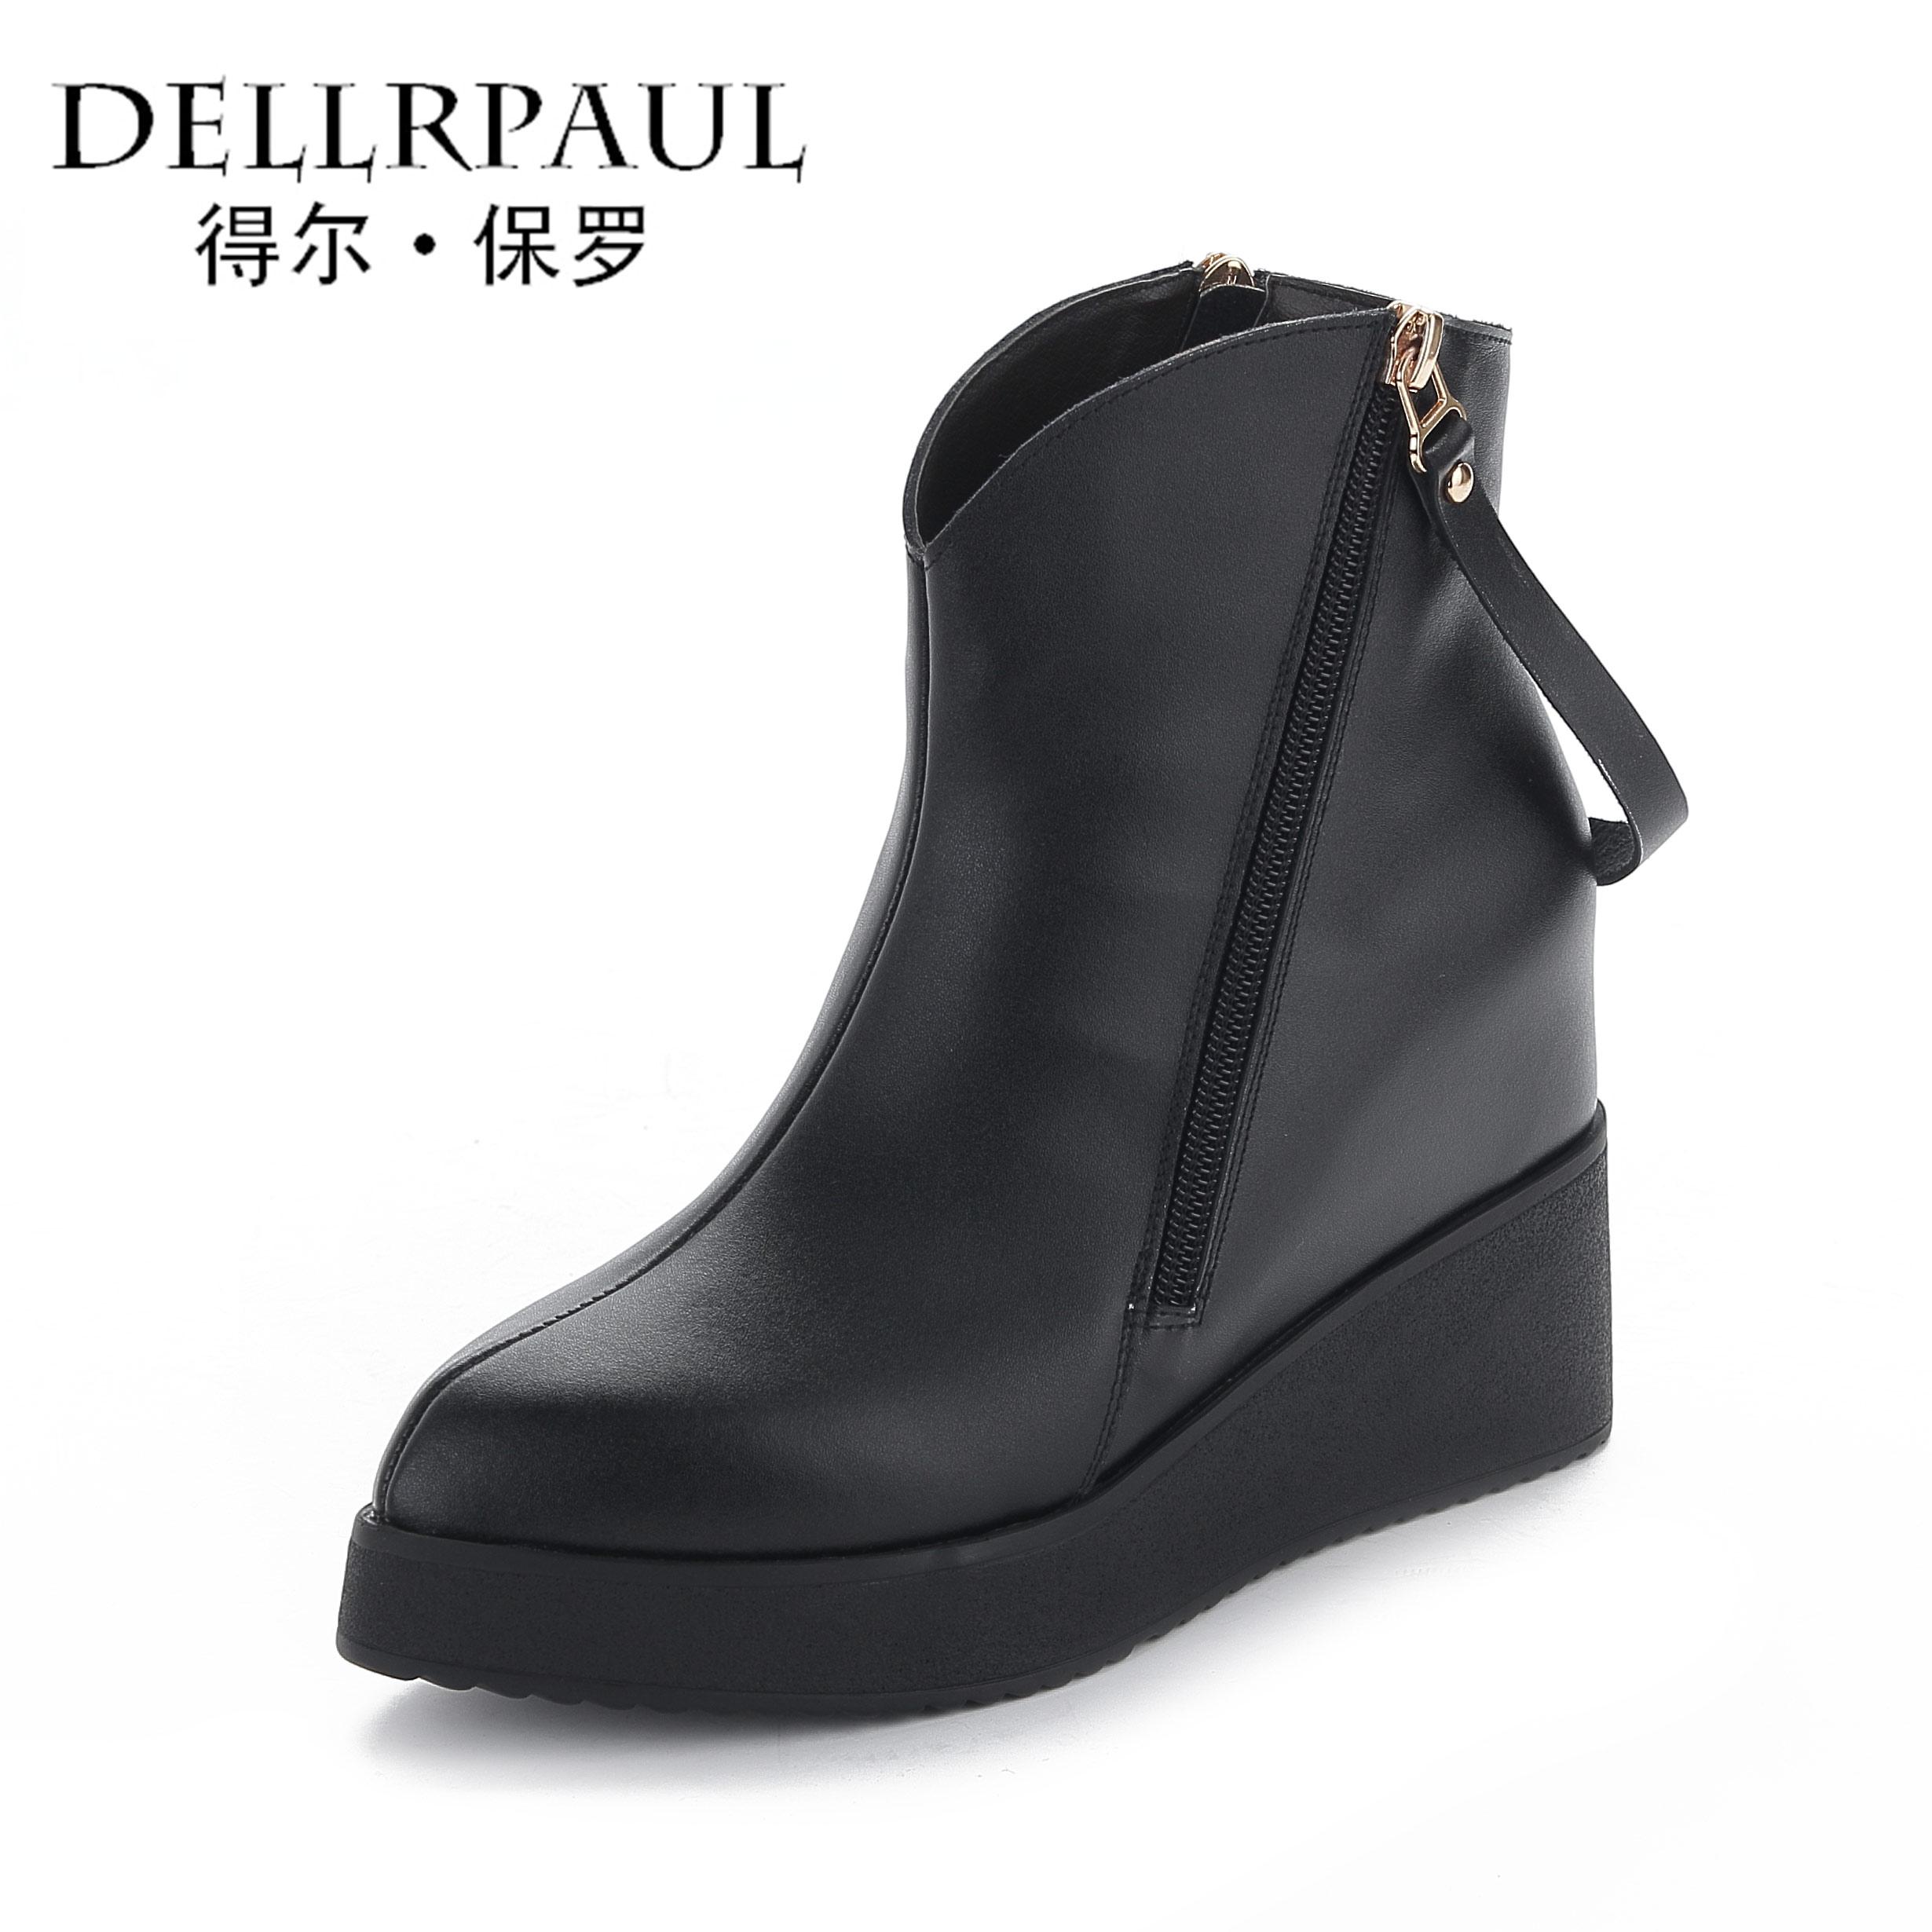 內增高坡跟短靴 女牛皮高跟馬丁靴女靴子防水台真皮女鞋加絨